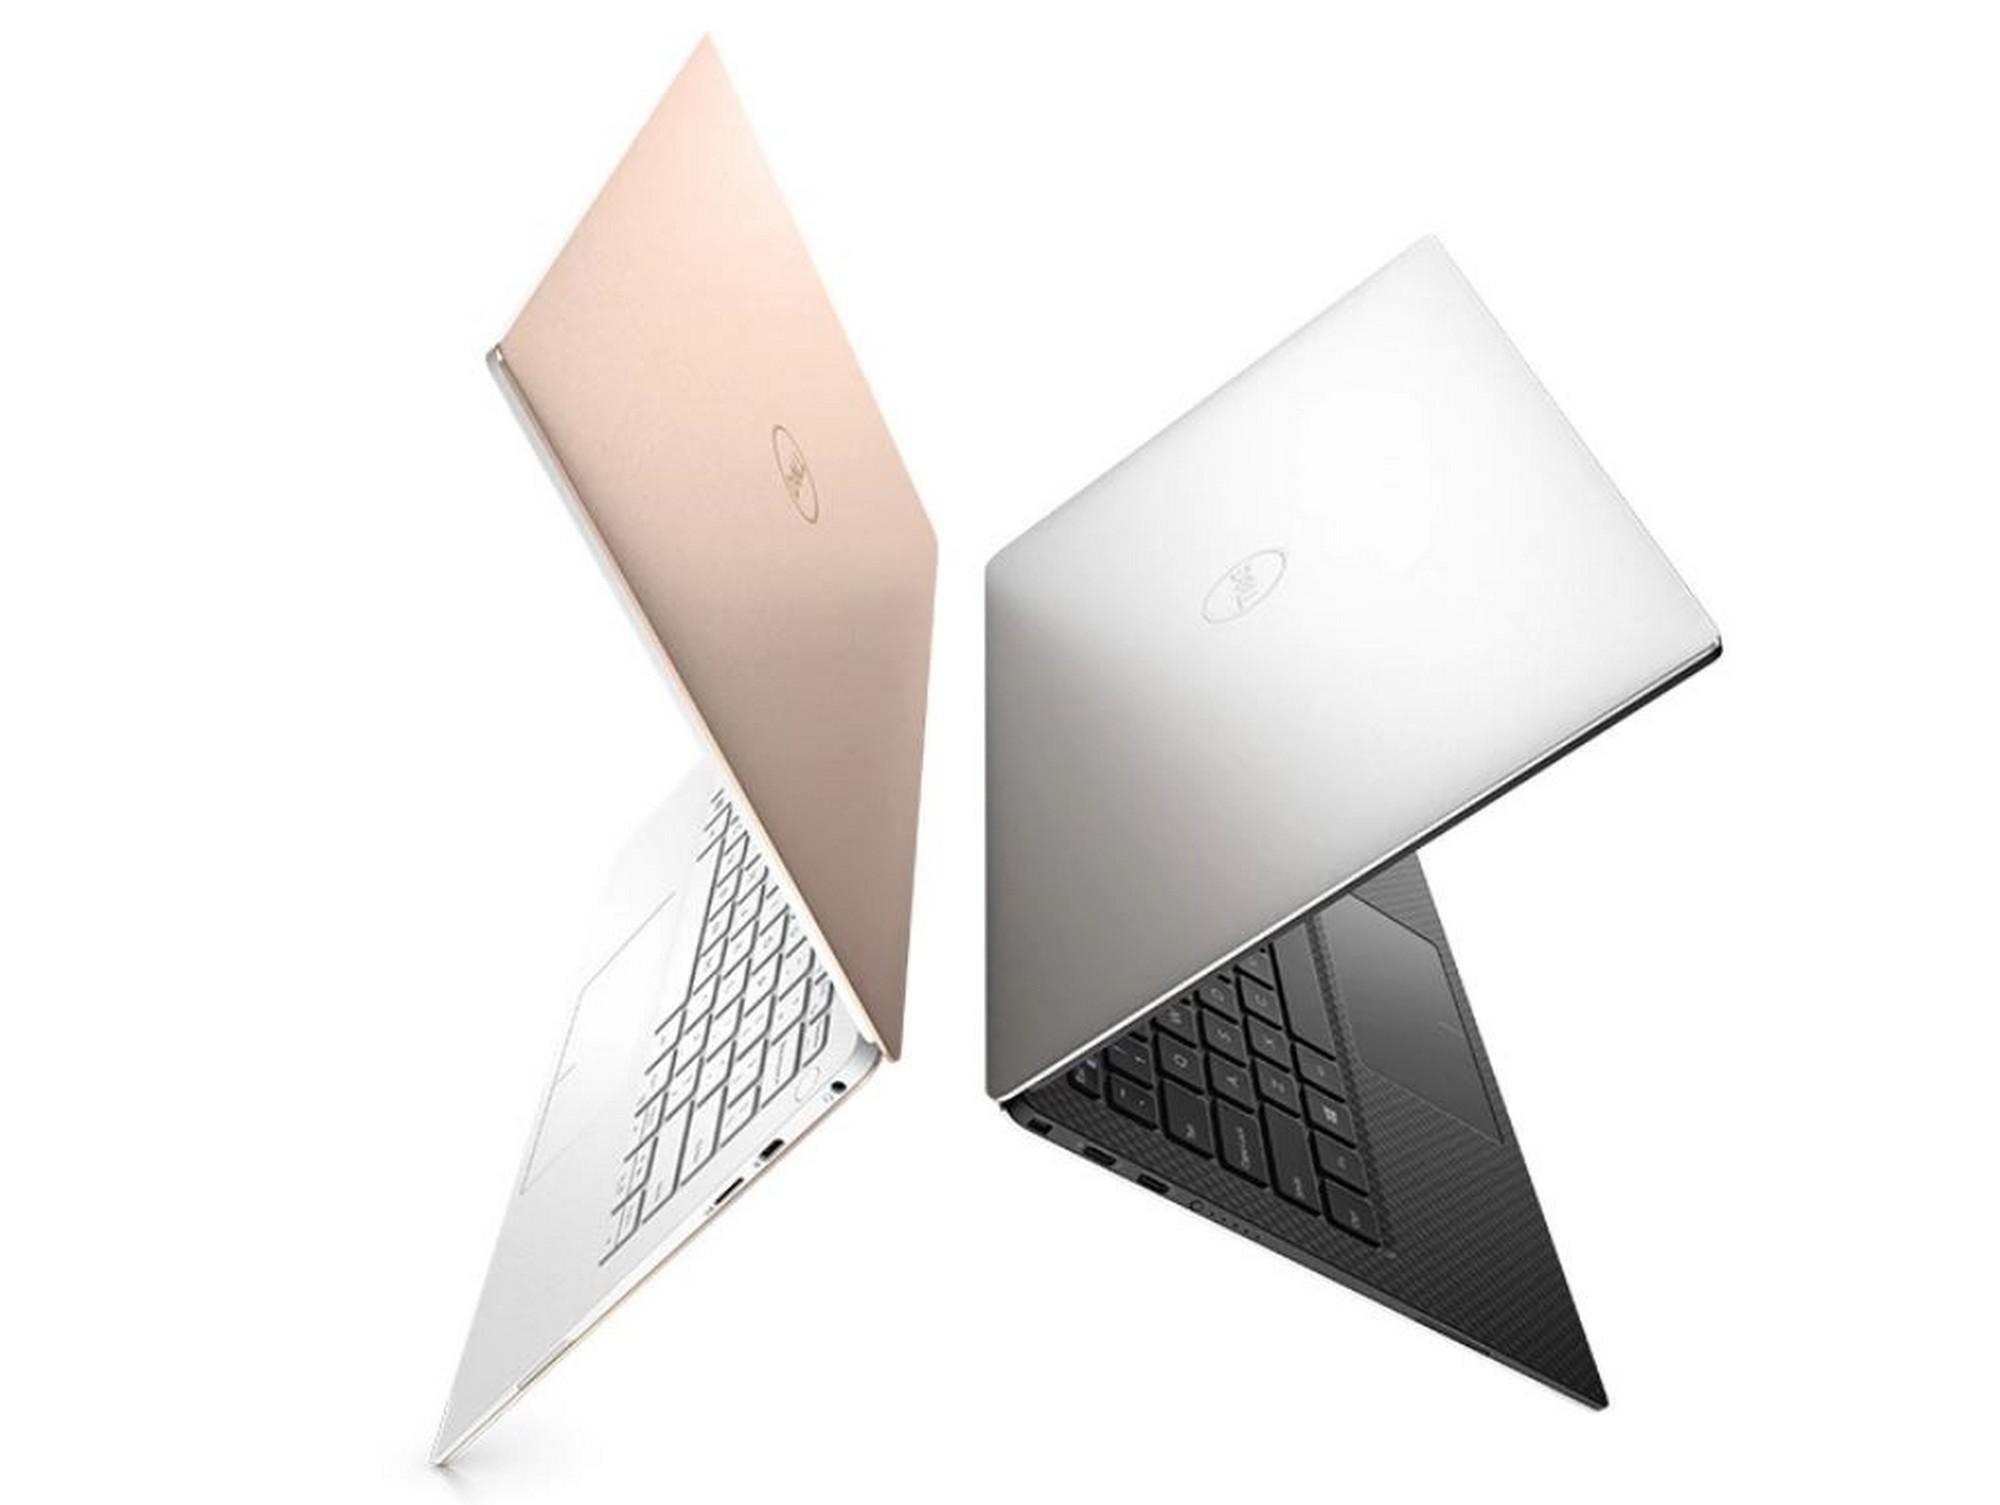 Annunciato il Dell XPS 13, l'ultrabook potente e bello